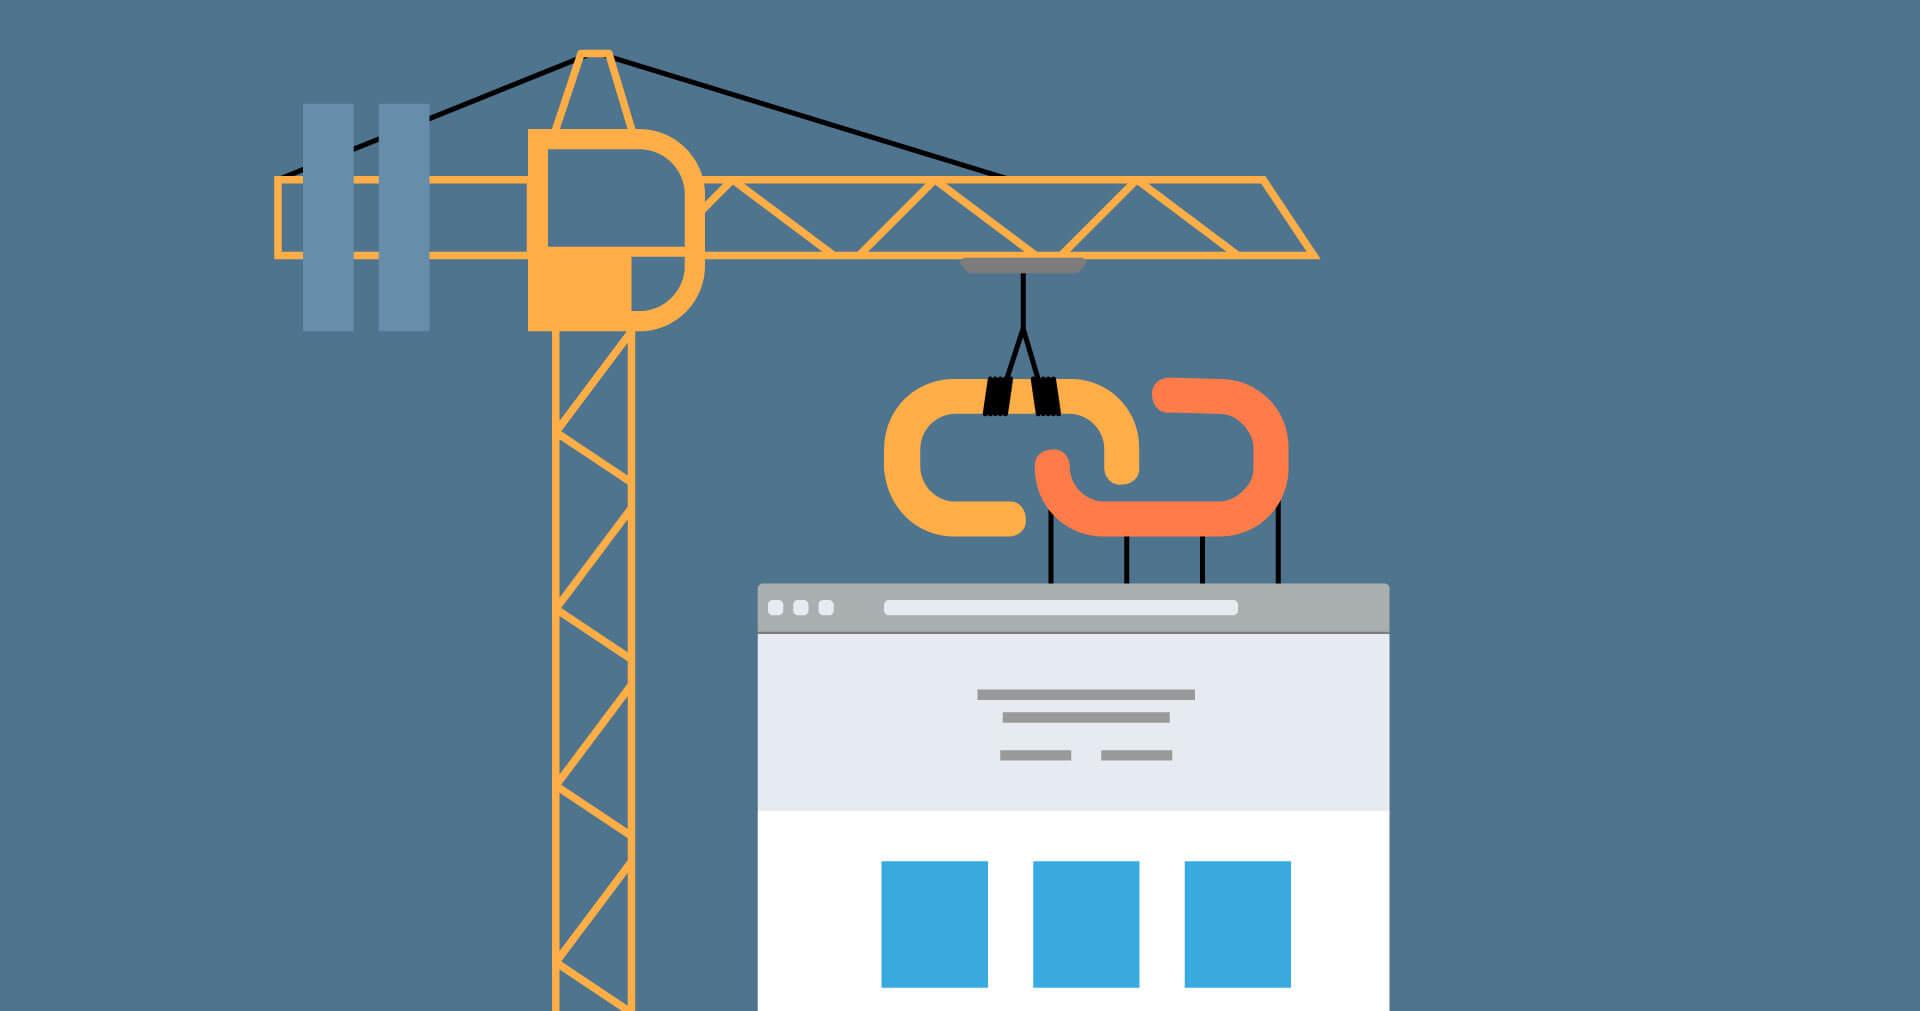 Mua backlink chất lượng hỗ trợ SEO website hiệu quả cao